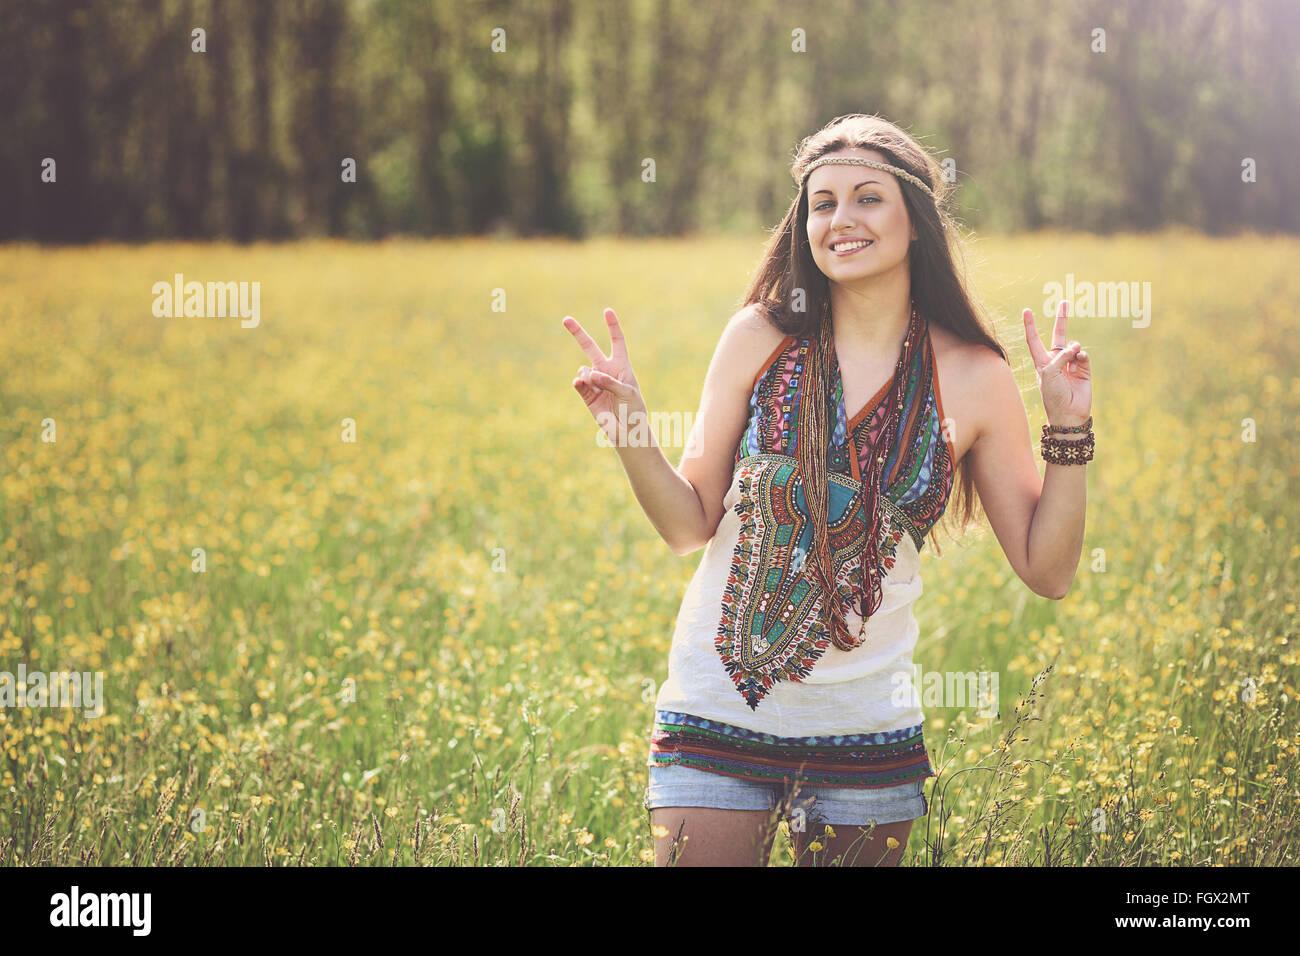 Segno di pace da hippie sorridente in un prato. Libertà e armonia Immagini Stock